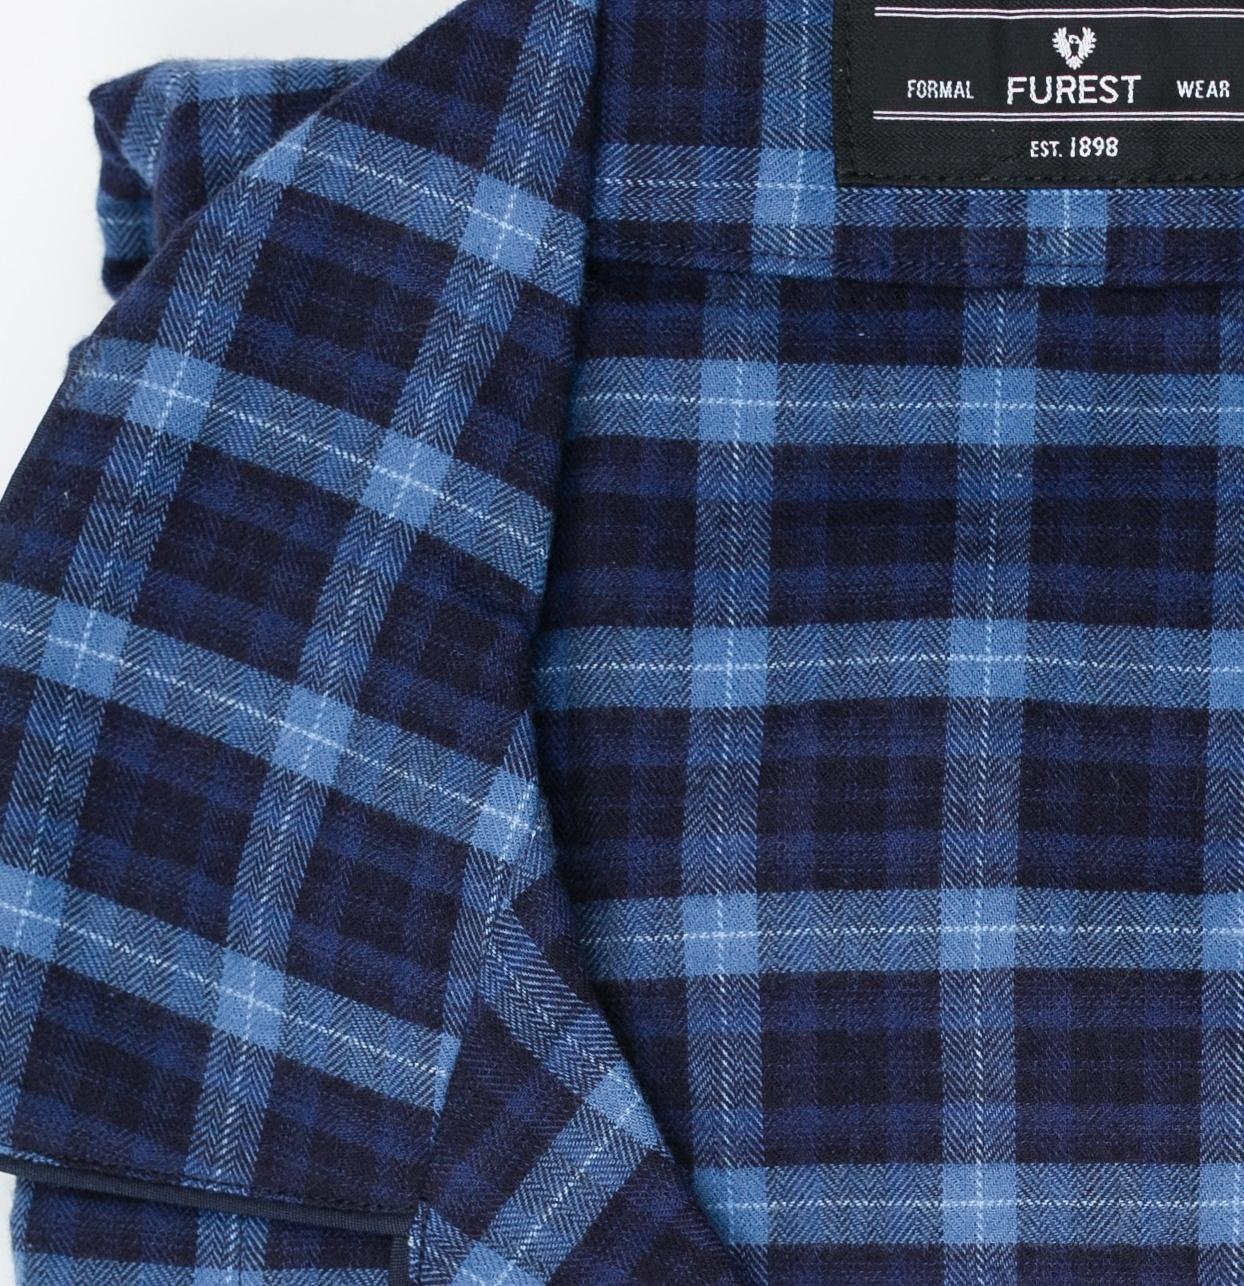 Pijama LARGO dos piezas, pantalón largo con cinta no elástica y funda incluida, color azul con estampado de cuadros, 100% Algodón. - Ítem1